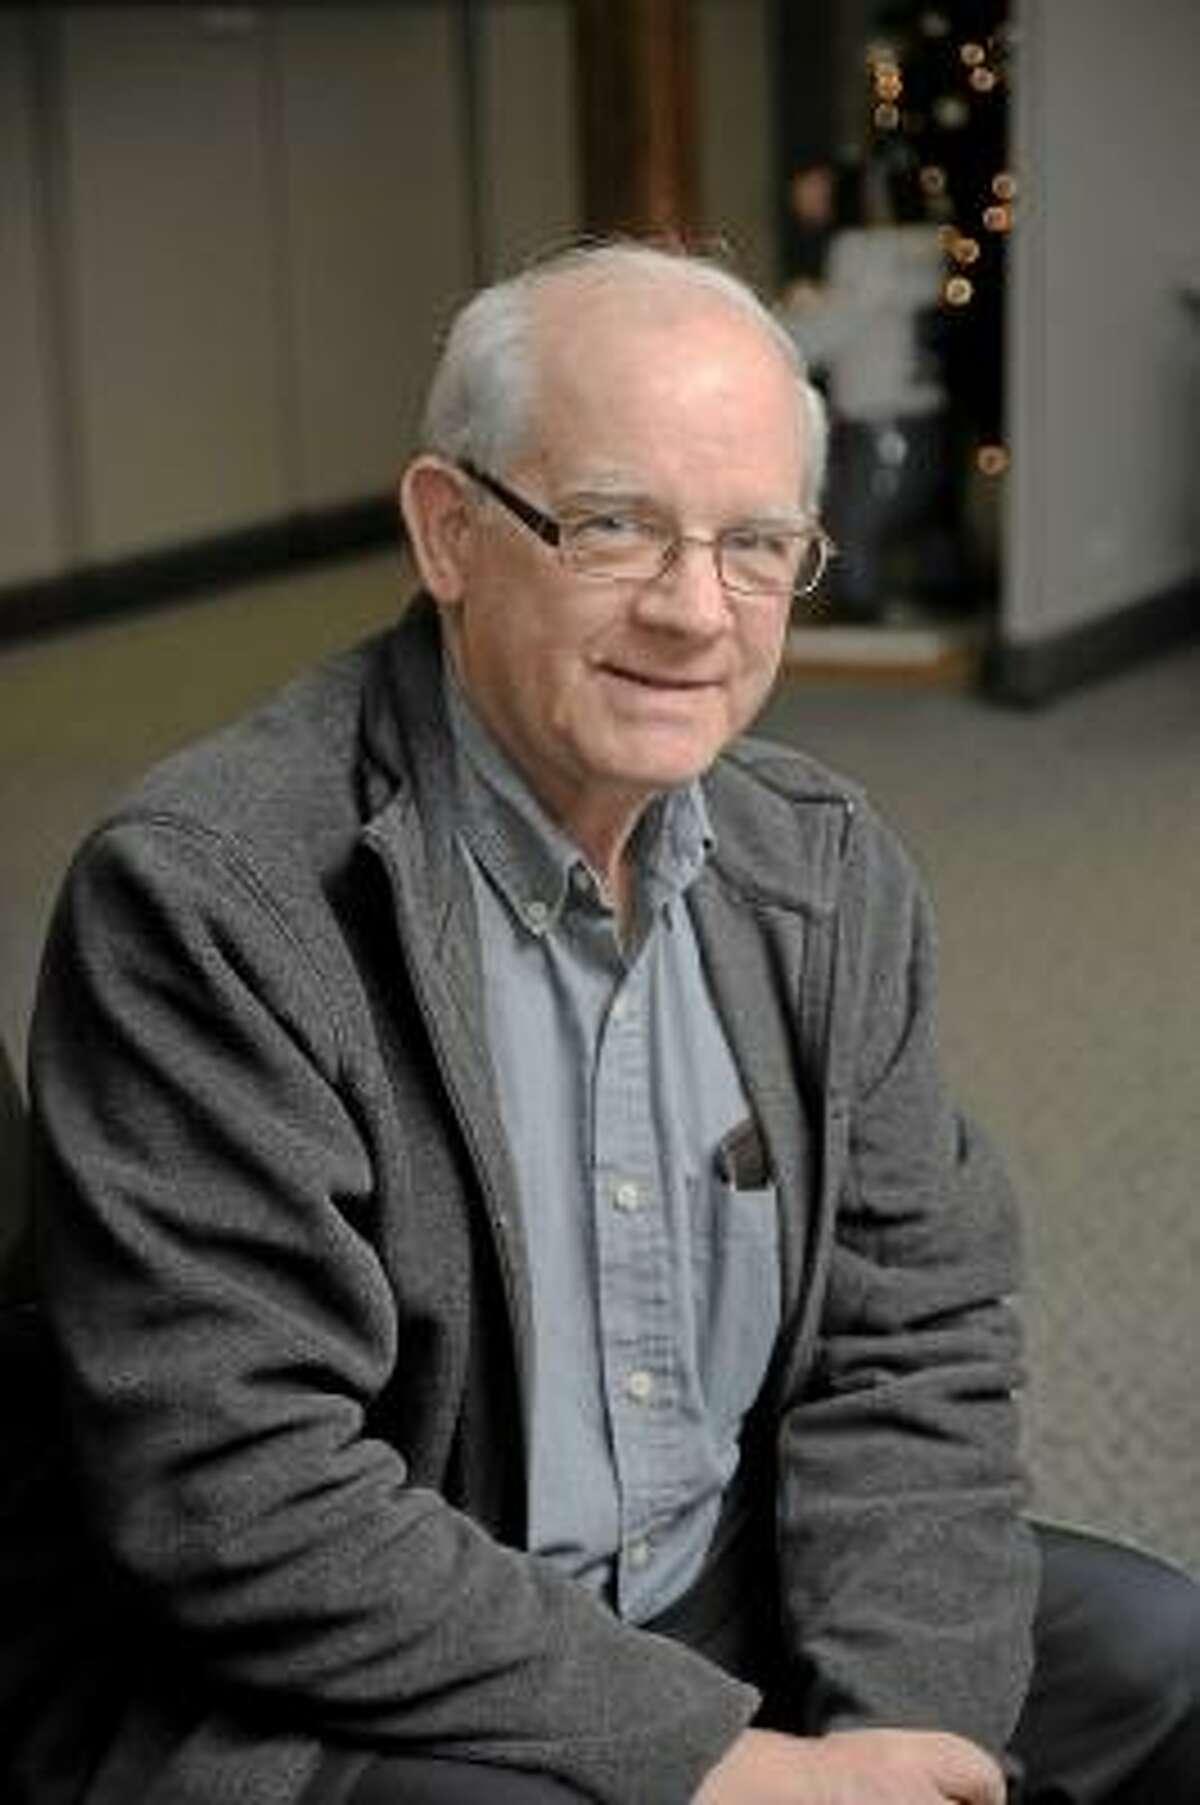 Author Jack Sheedy